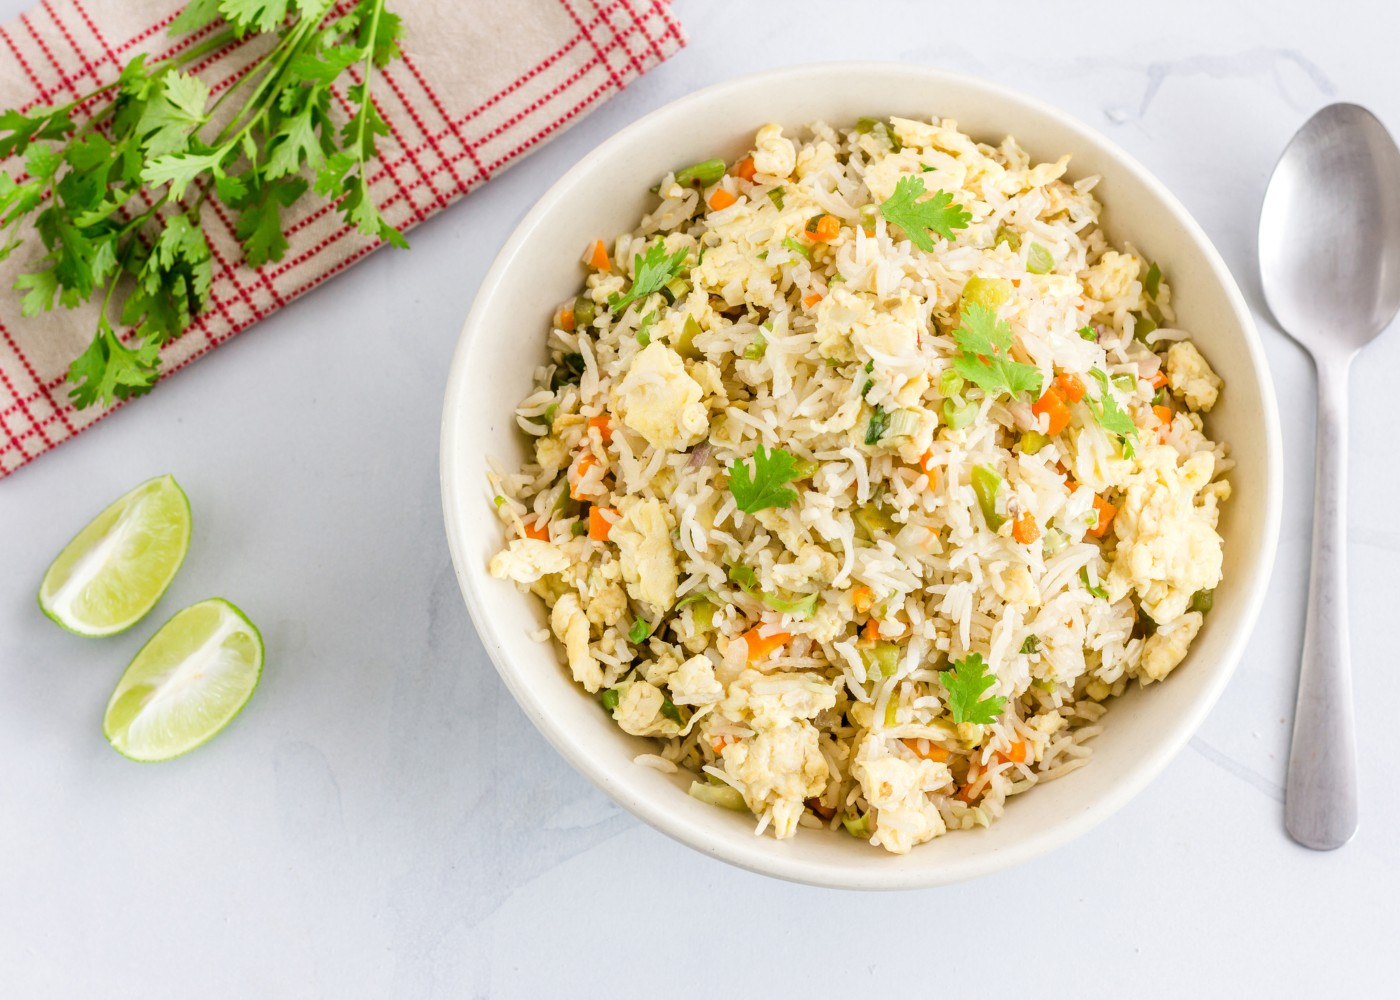 arroz frito aromatizado